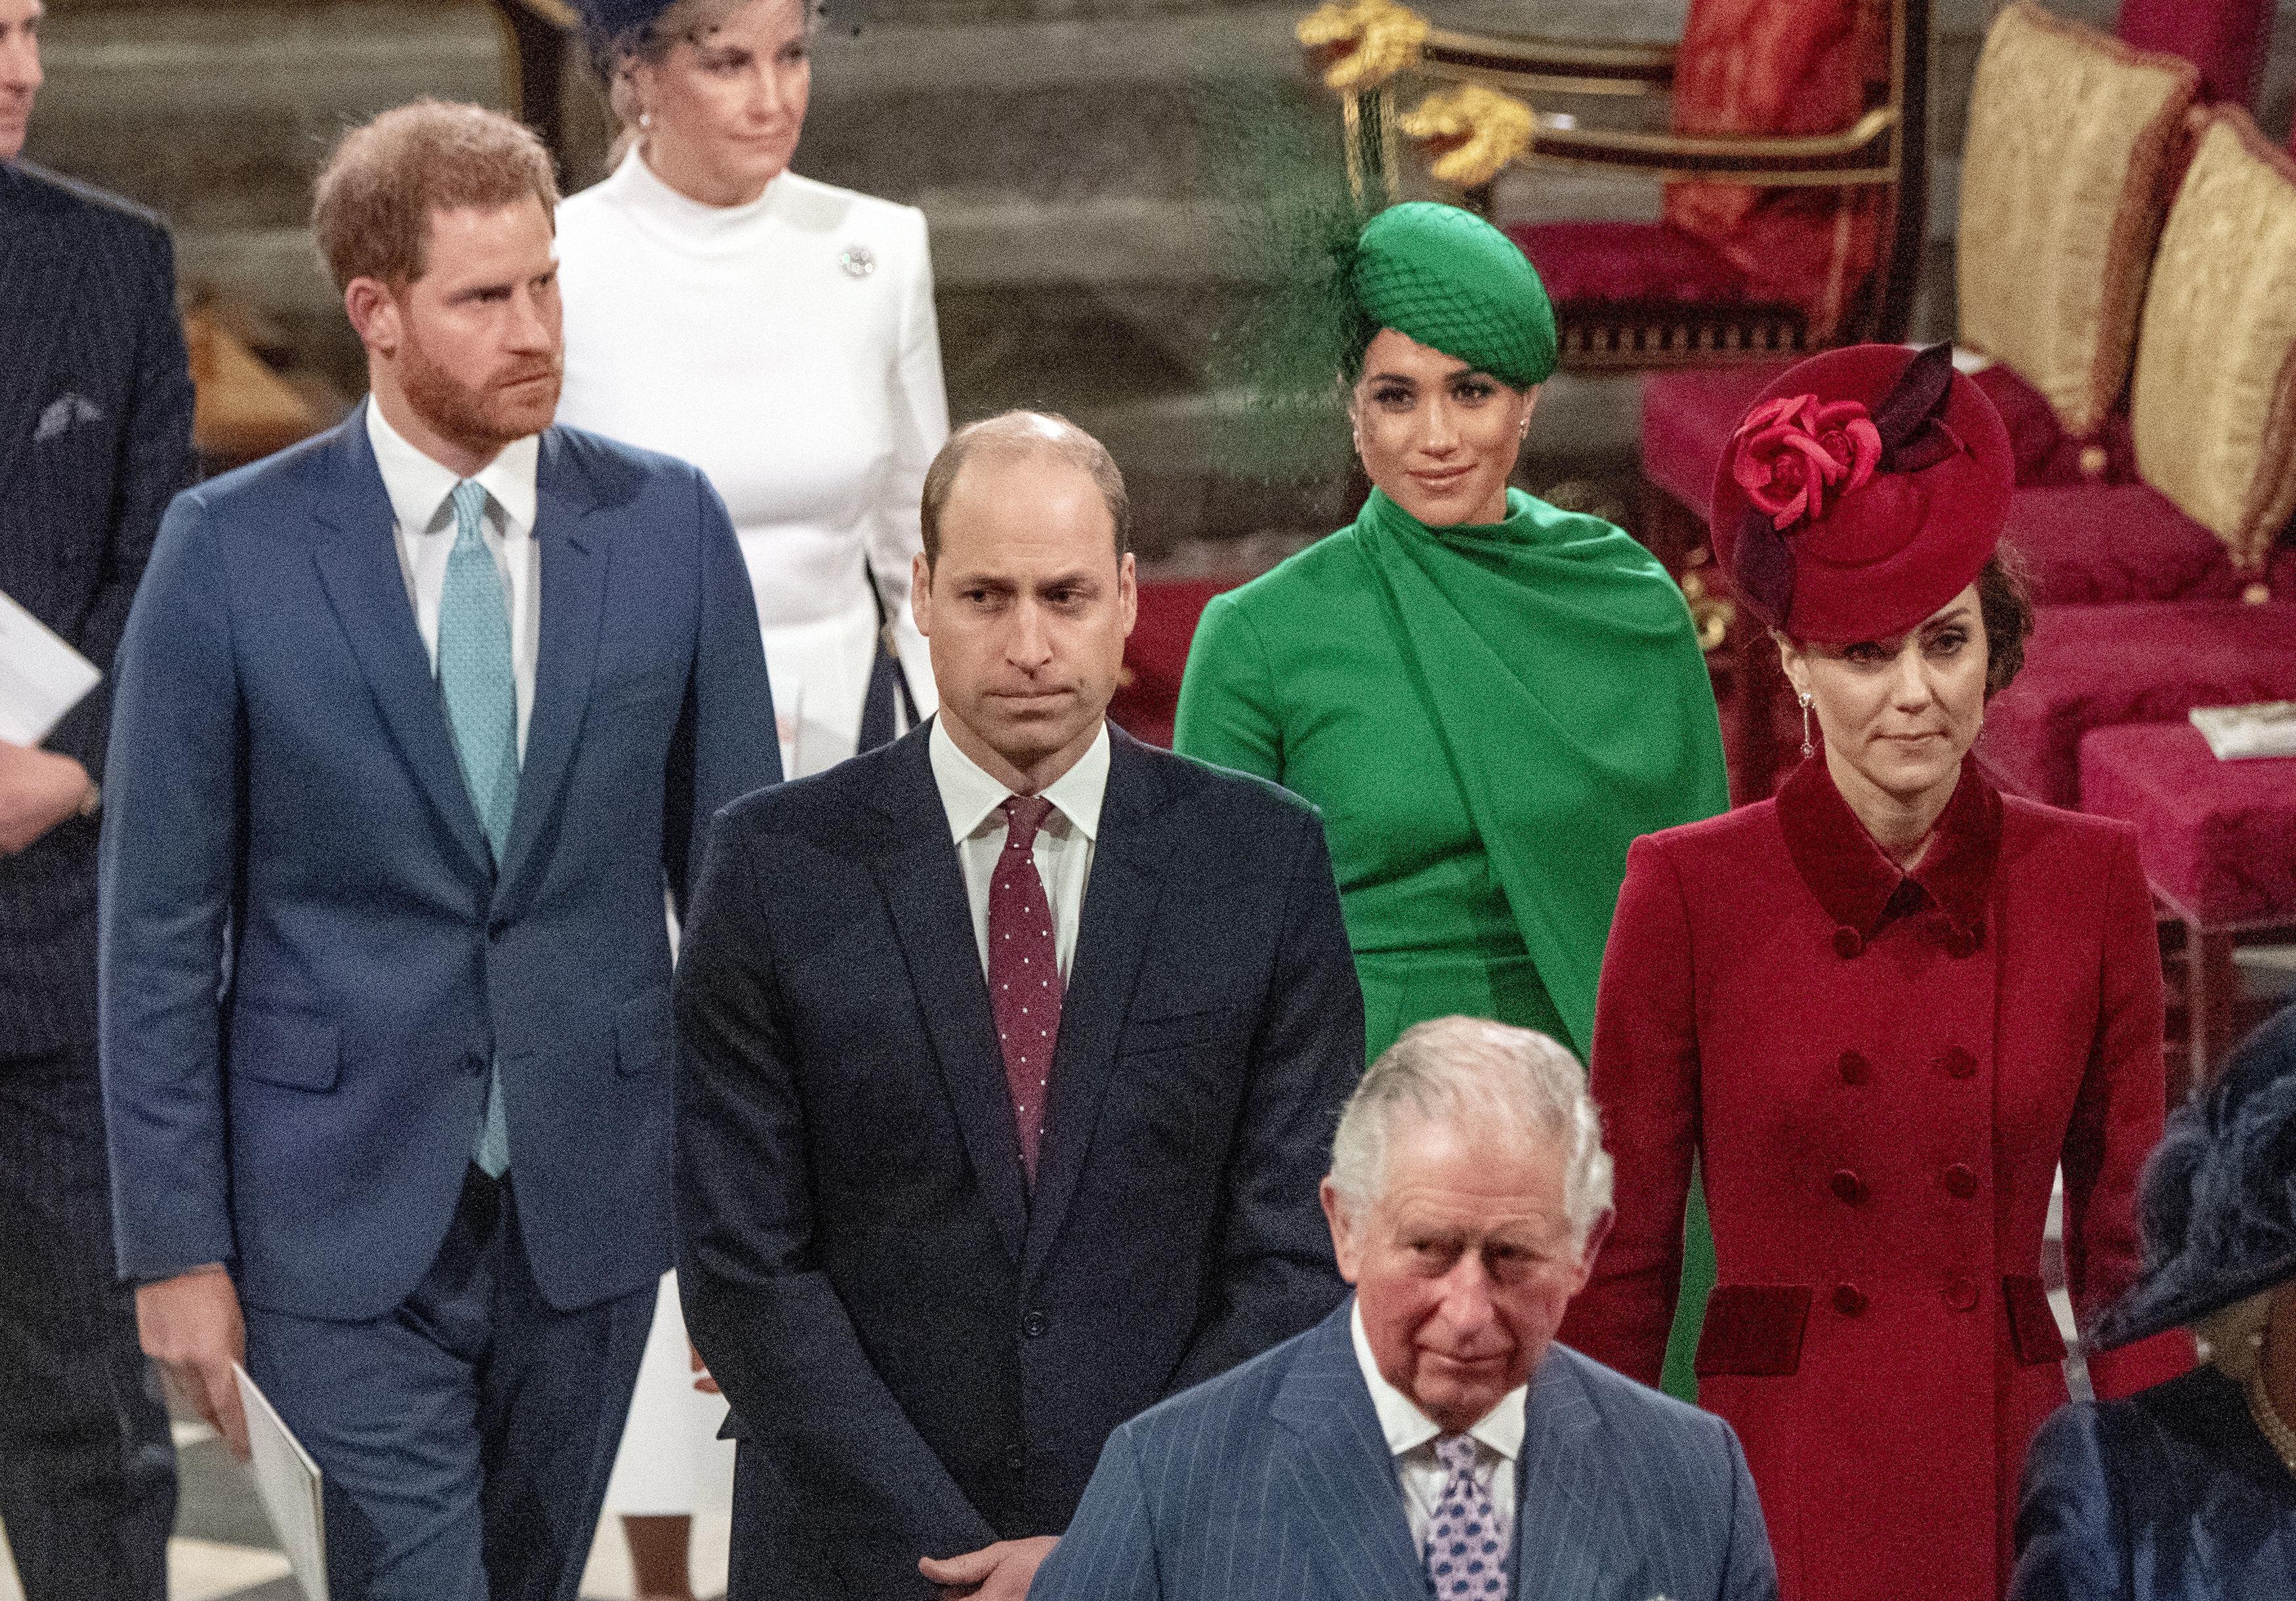 """La pareja comenzó el mes de marzo viajando a Reino Unido para participar de la entrega de los Endeavour Fund Awards. Luego acompañaron a la reina Elizabeth II, a los príncipes Charles y William y a la duquesa de Cambridge a un servicio para celebrar el Día de la Mancomunidad británica. Estas fueron sus últimas actividades como """"royals"""". (Archivo)"""